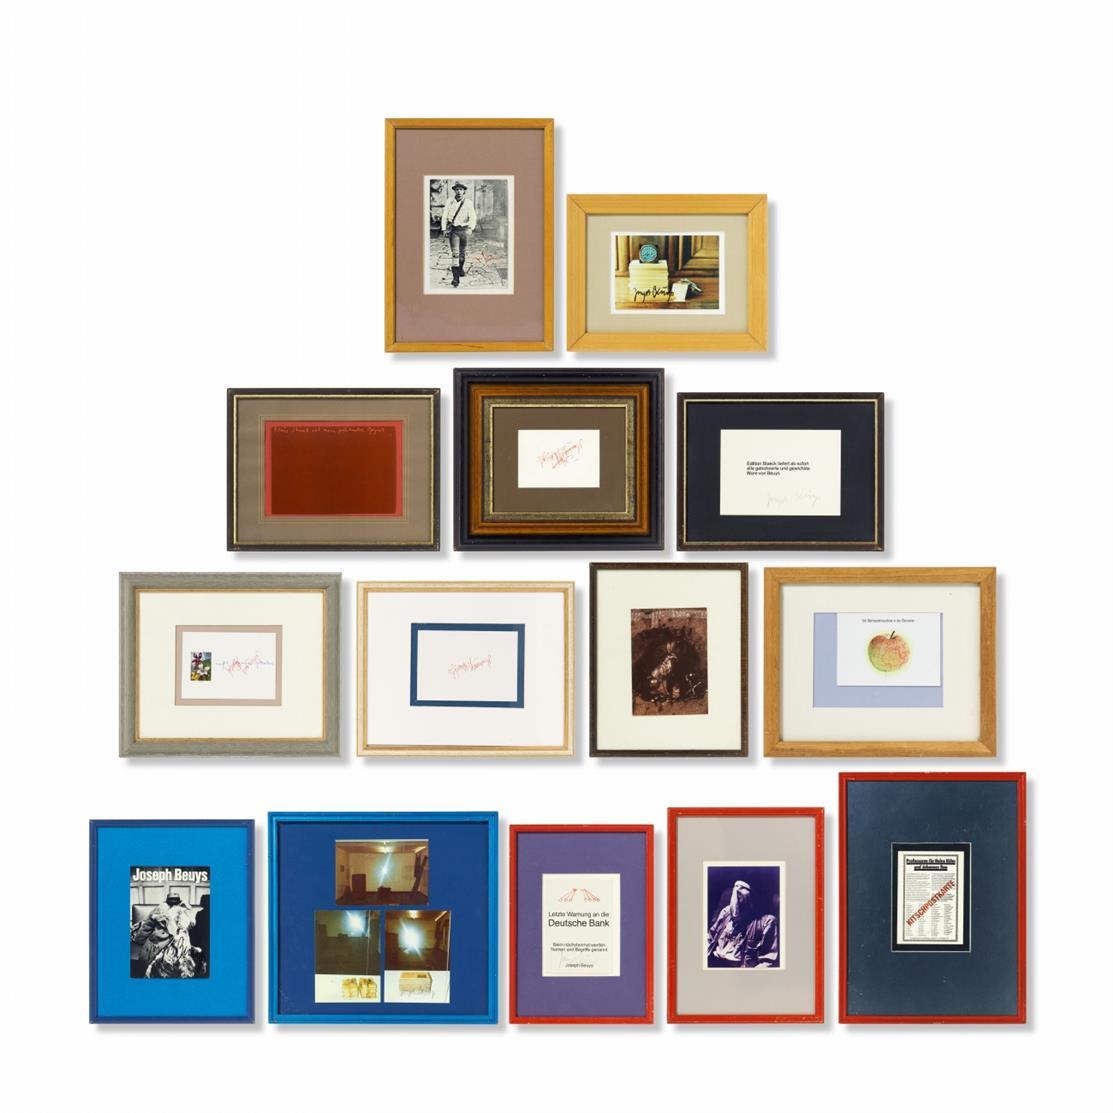 Joseph Beuys. 16 Postkarten (in 14 kleinformatigen Rahmen). 1972-85. Edition Staeck. Jeweils signiert.